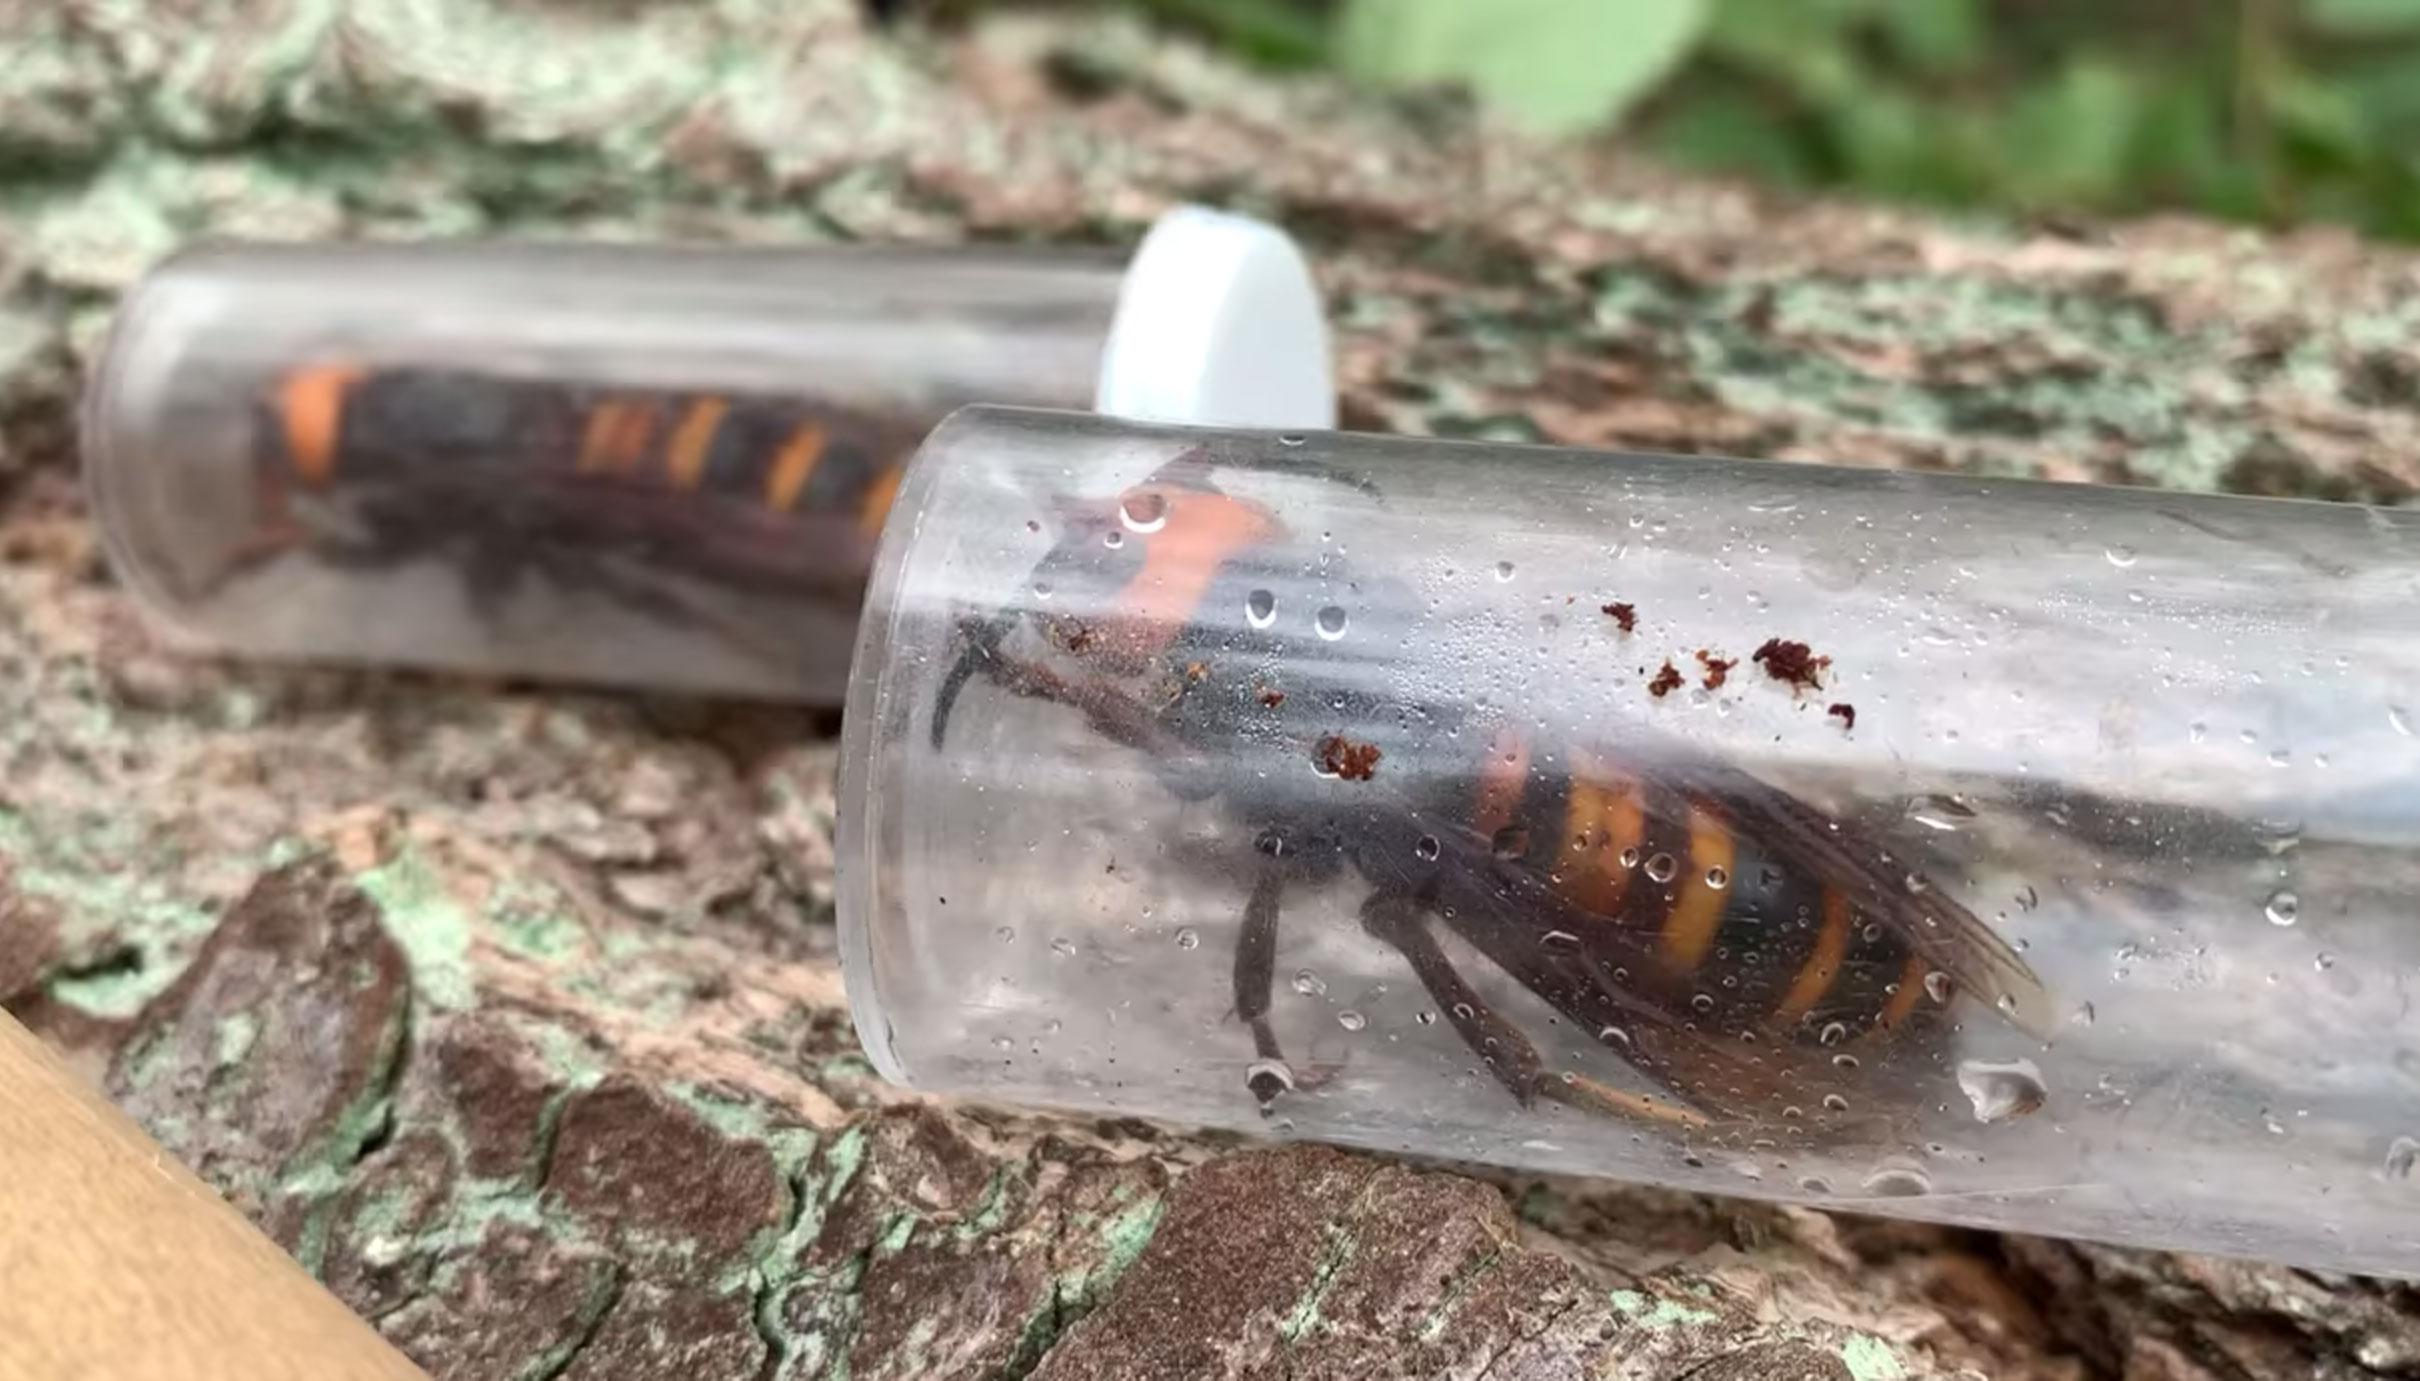 Scientists captured 2 'murder hornet' queens in Washington State